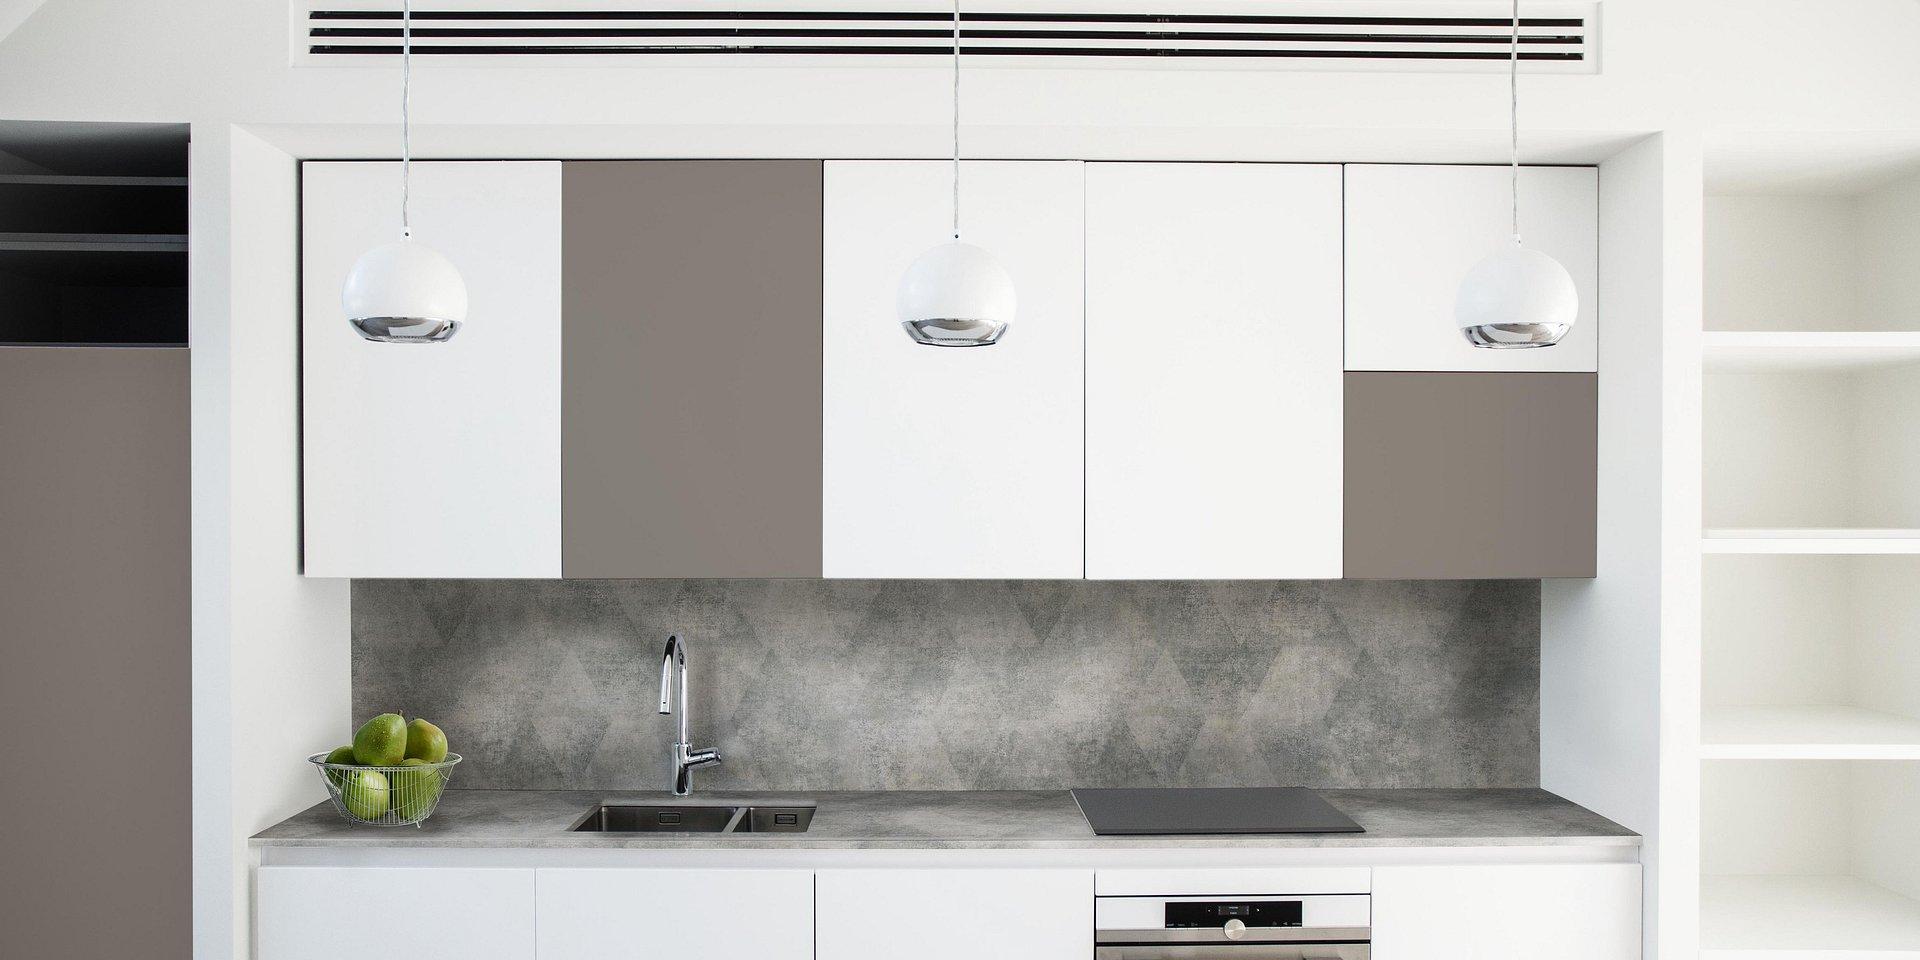 Szkło, metal, beton, płytki czy HPL - jaki materiał jest najlepszy na ścianki przyblatowe?